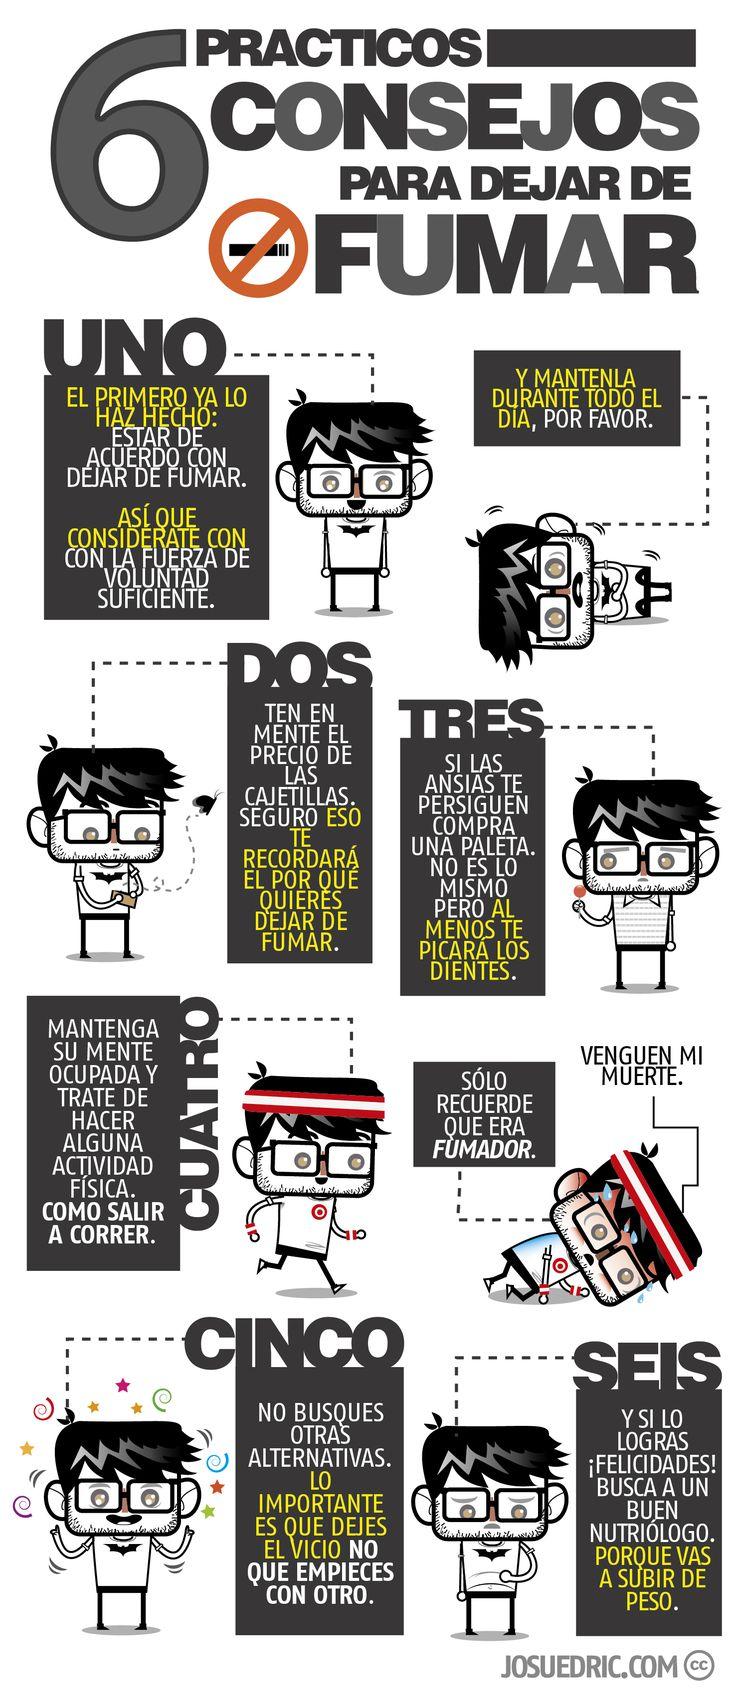 Seis Consejos Practicos Para Dejar De Fumar